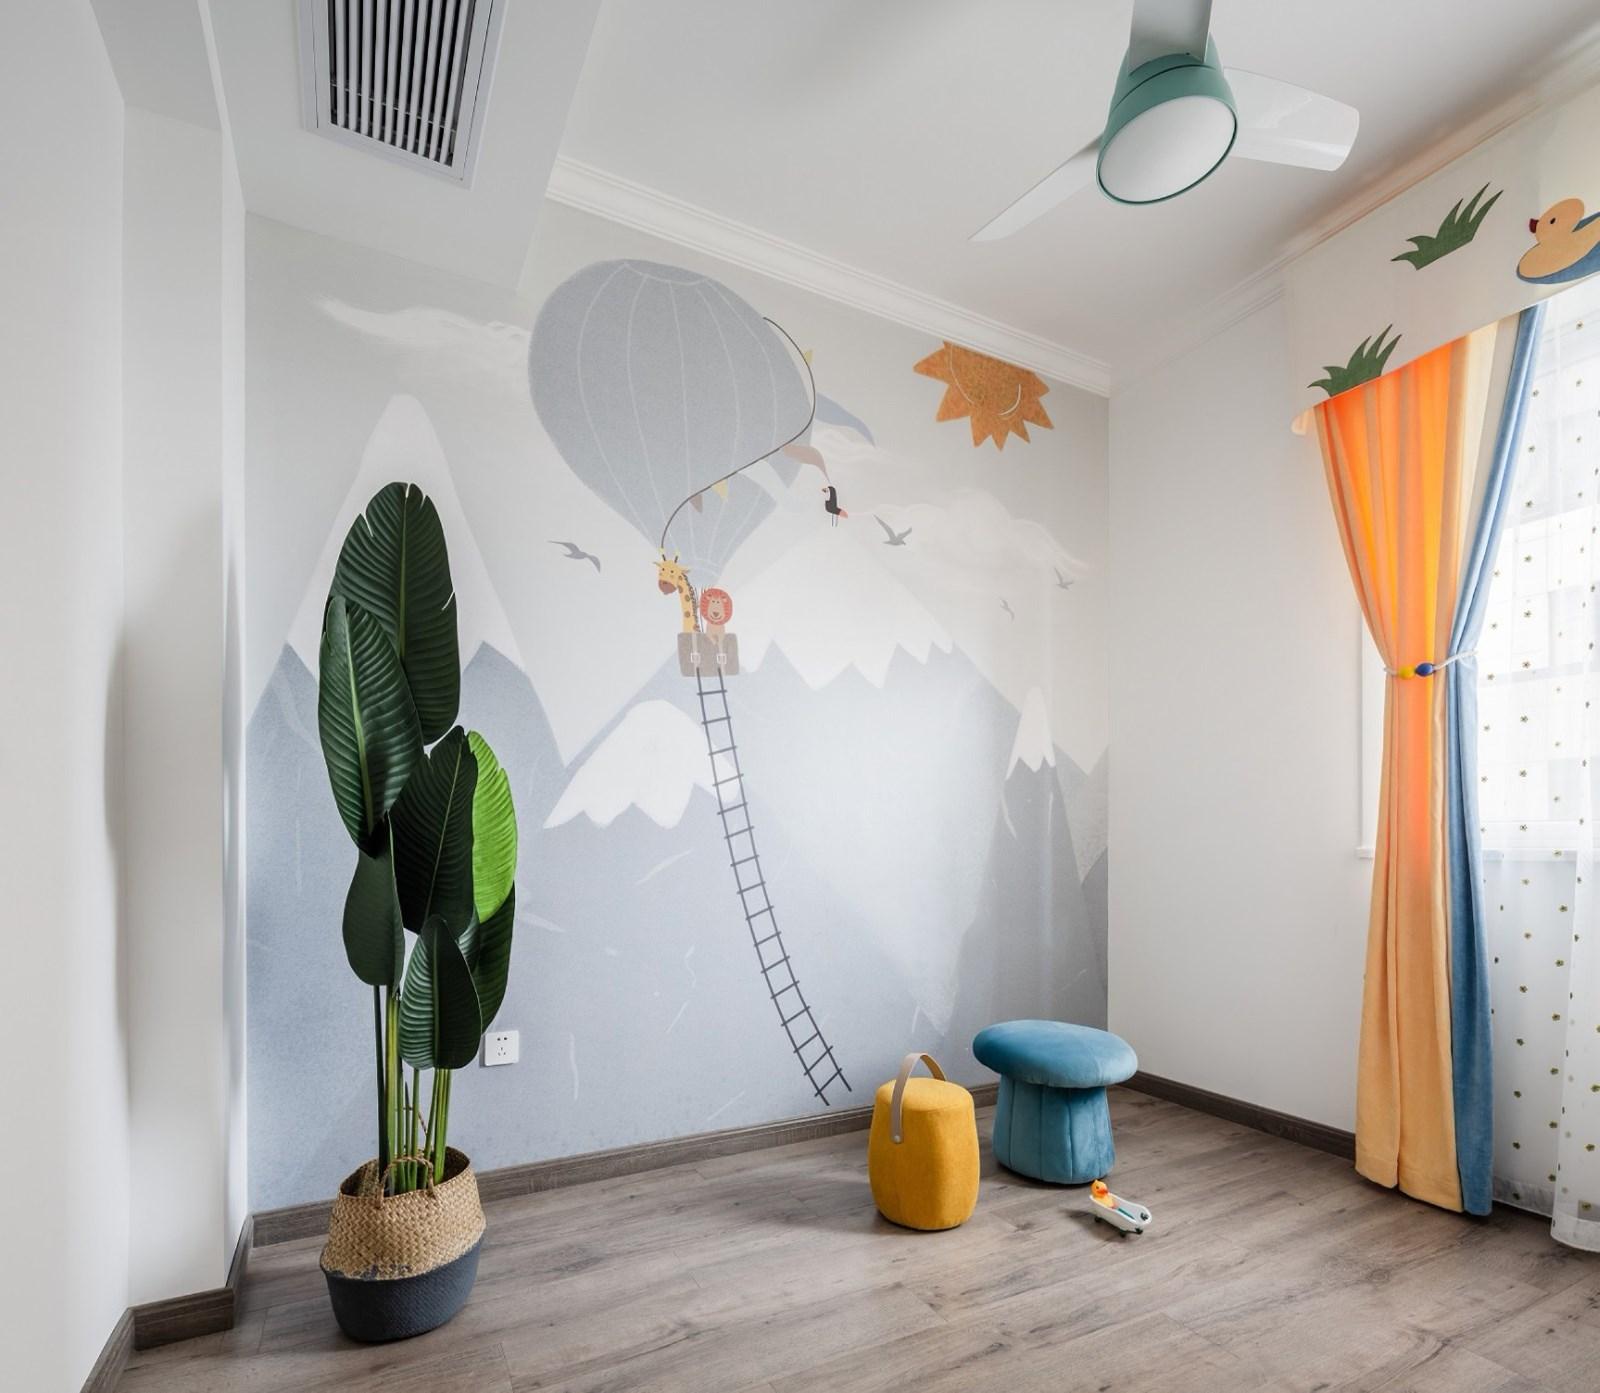 2020北歐兒童房裝飾設計 2020北歐細節裝飾設計